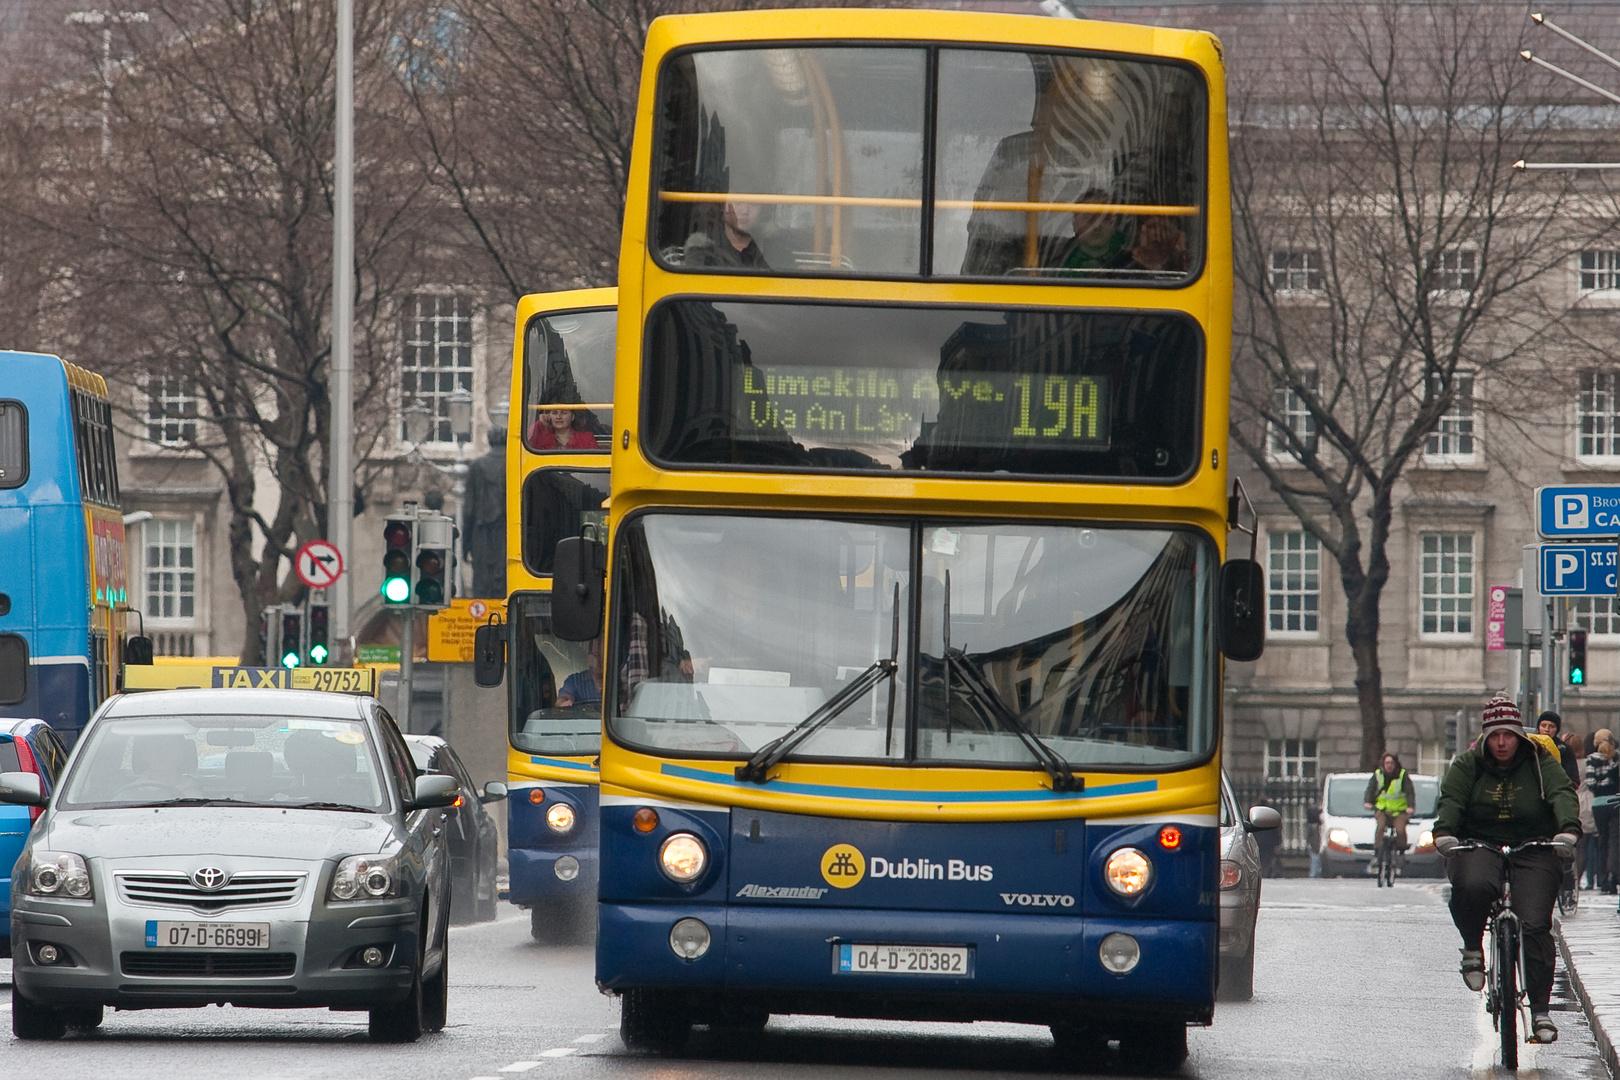 The daily Dublin Race